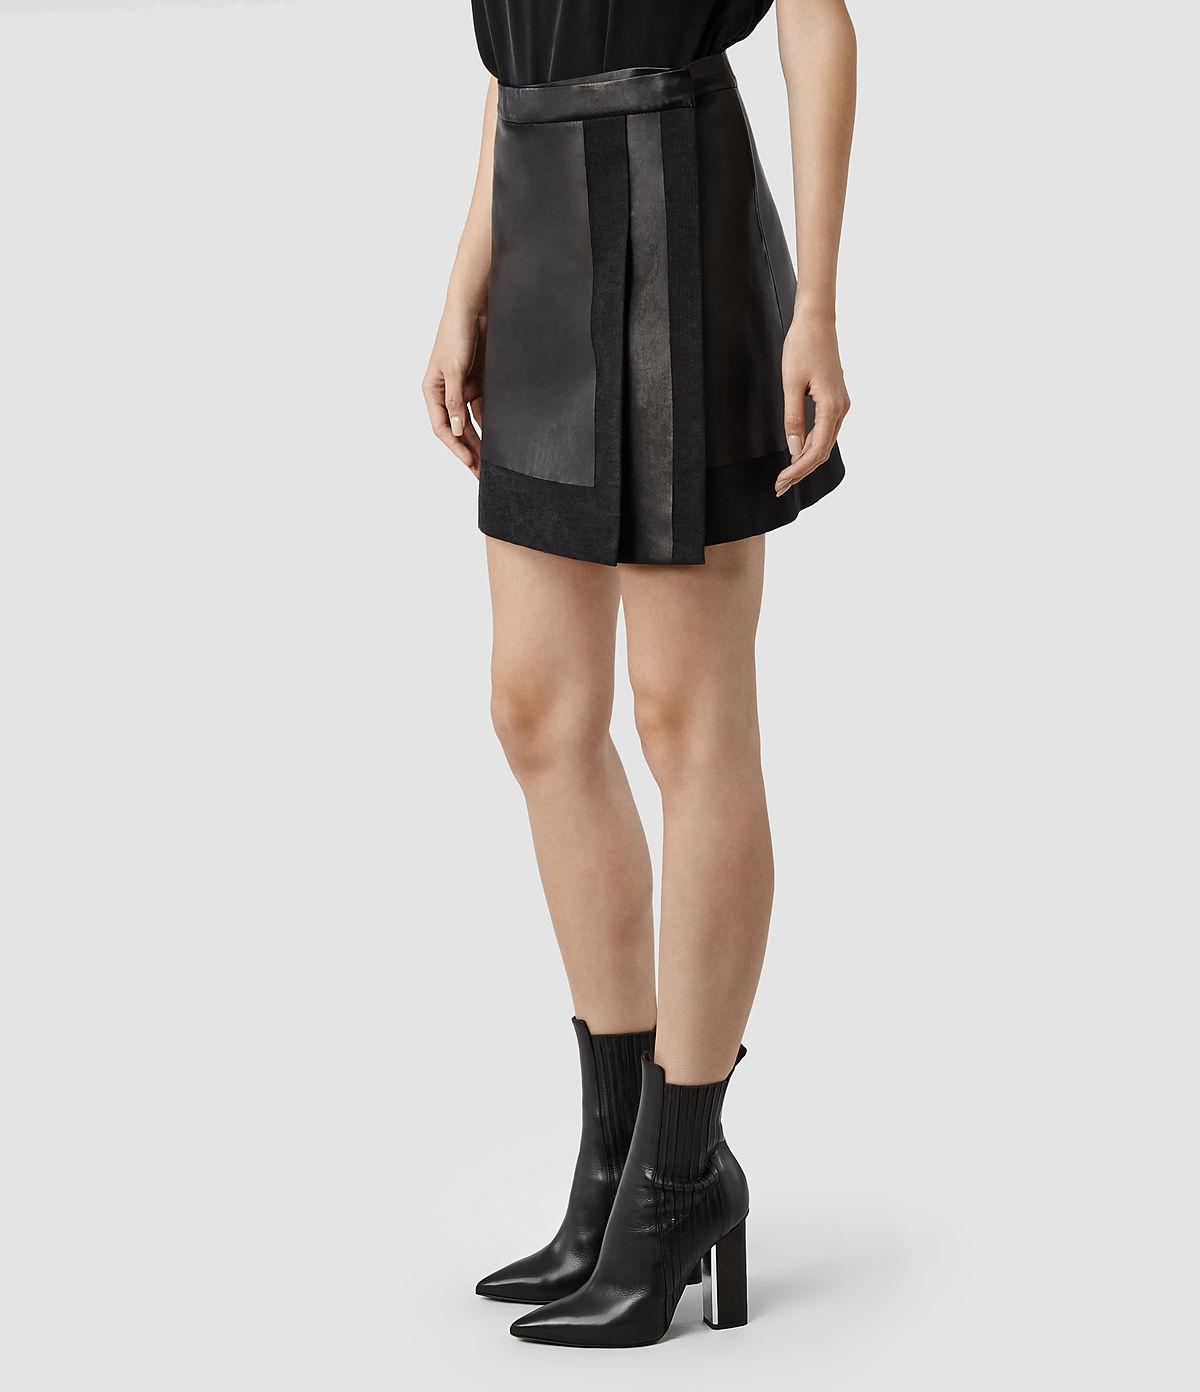 allsaints melina leather skirt in black black washed